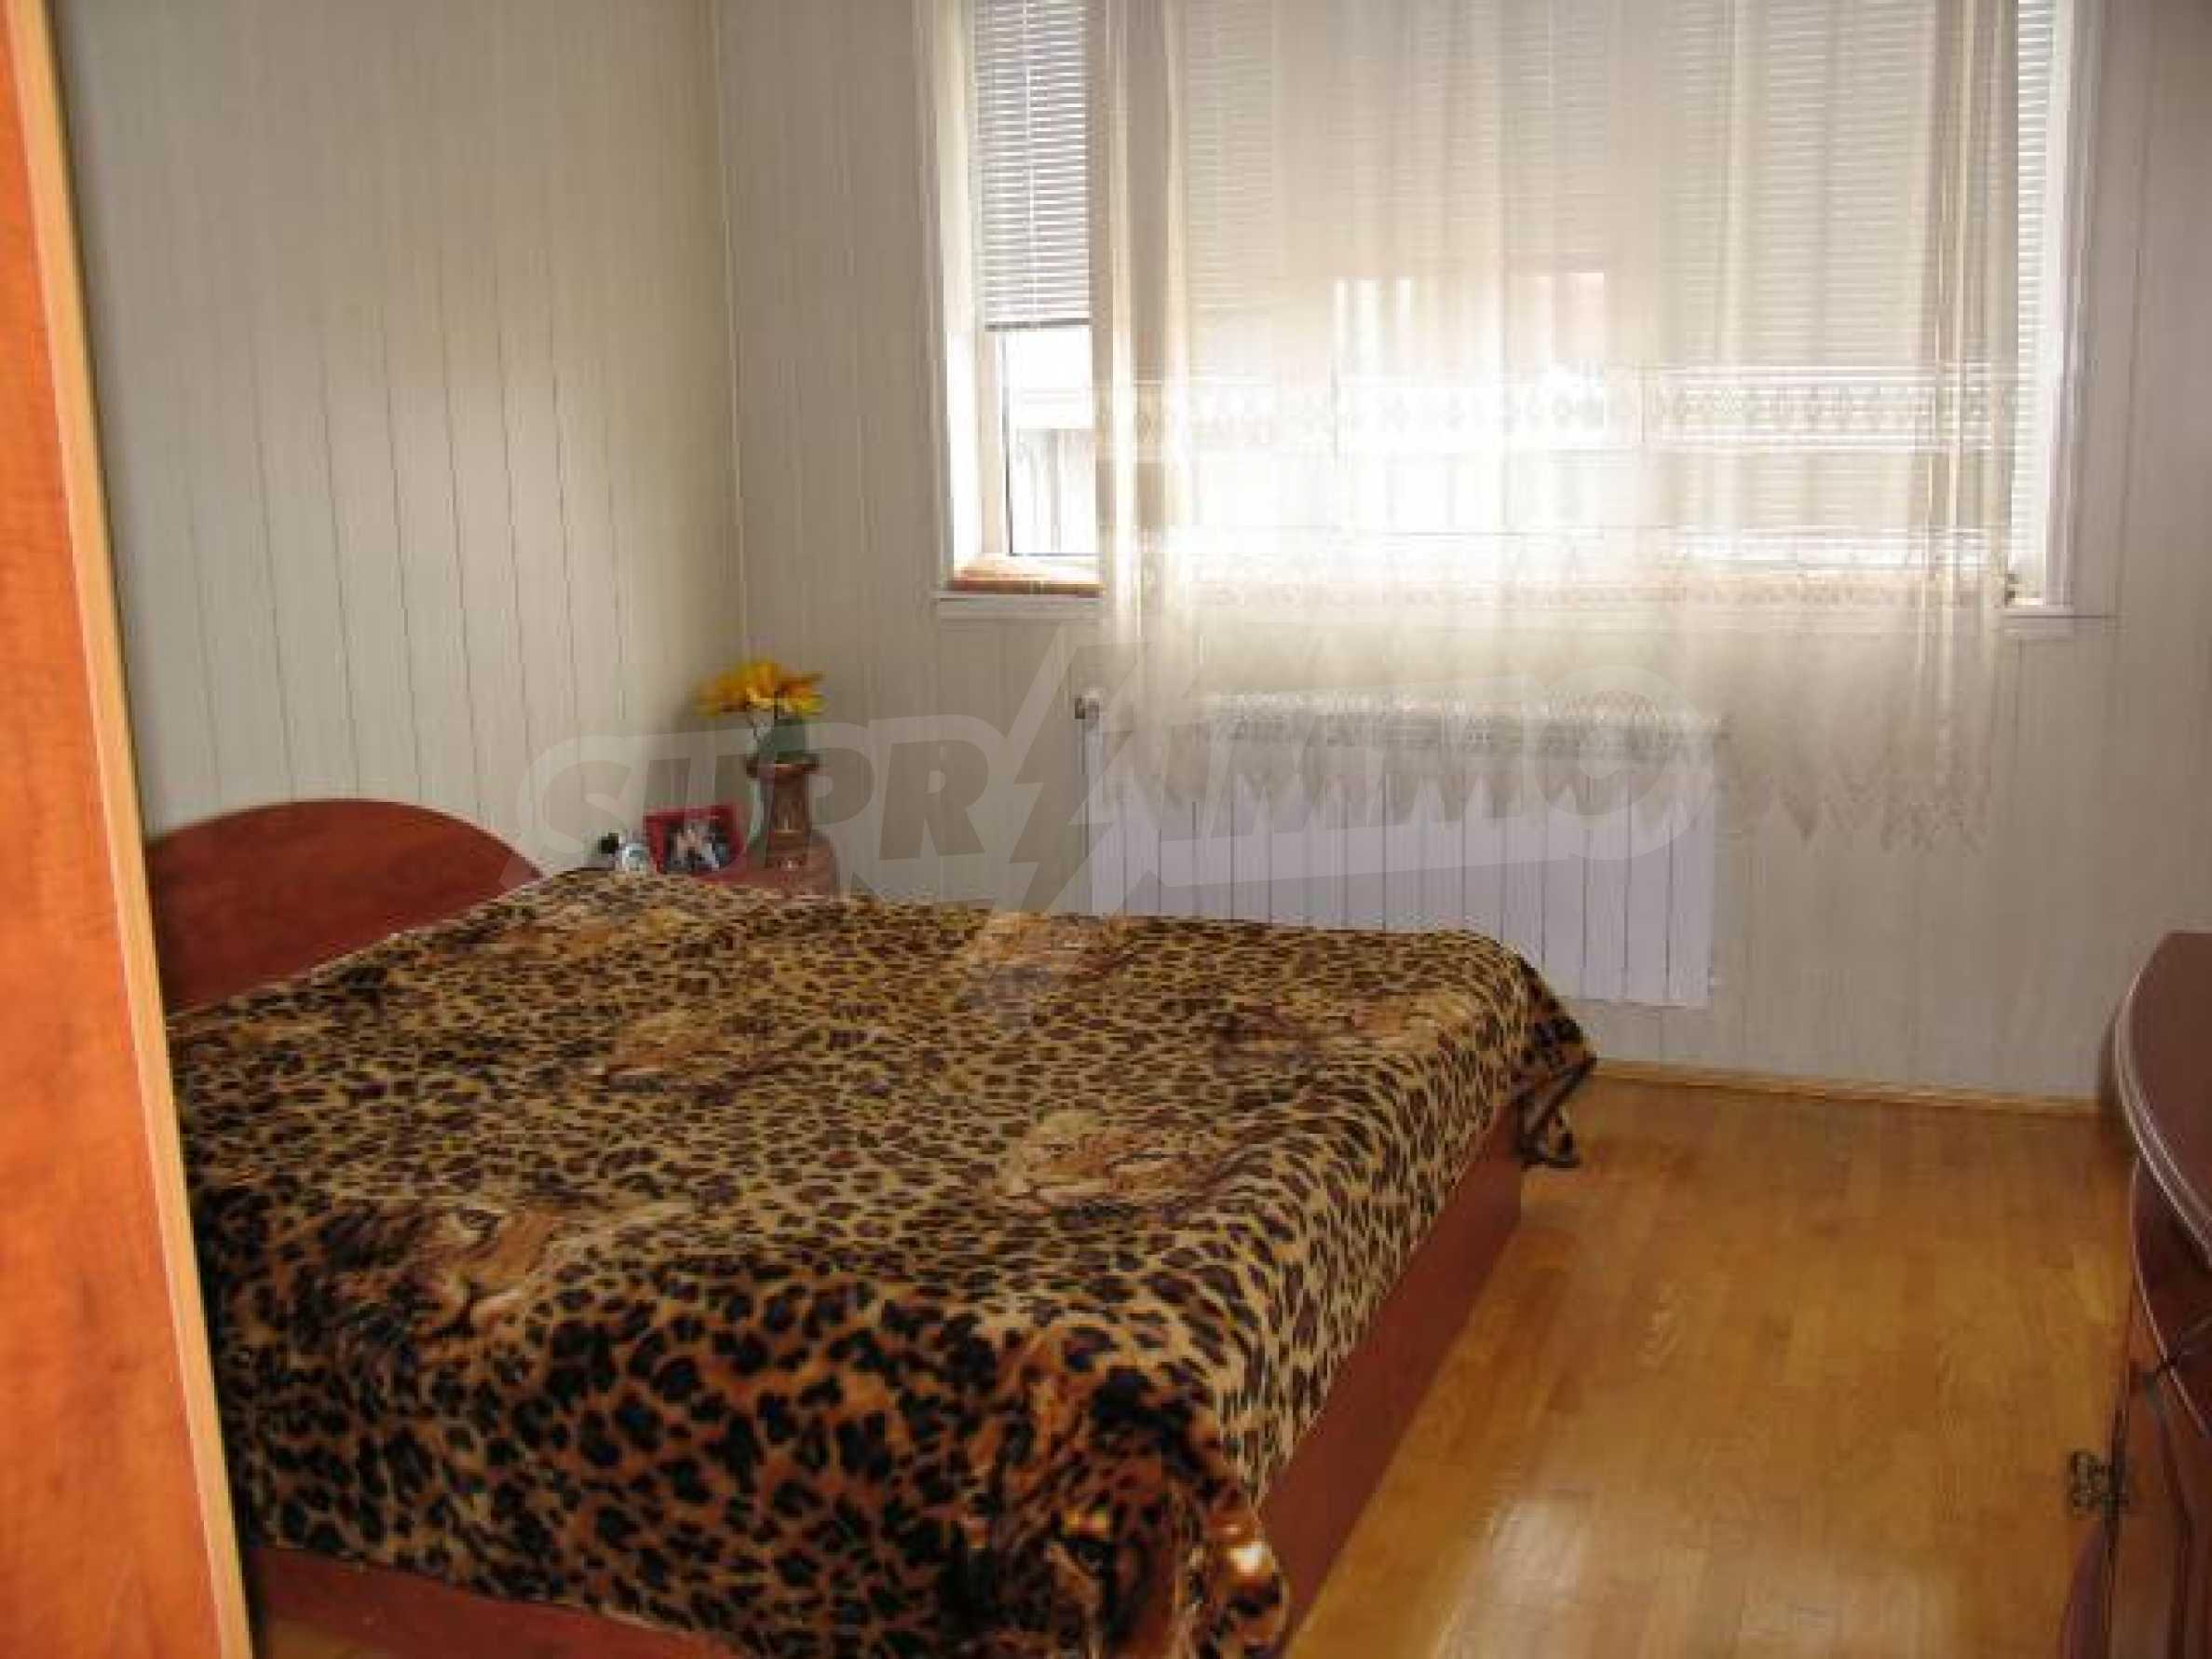 Тристаен апартамент в идеалния център на гр. Добрич 10